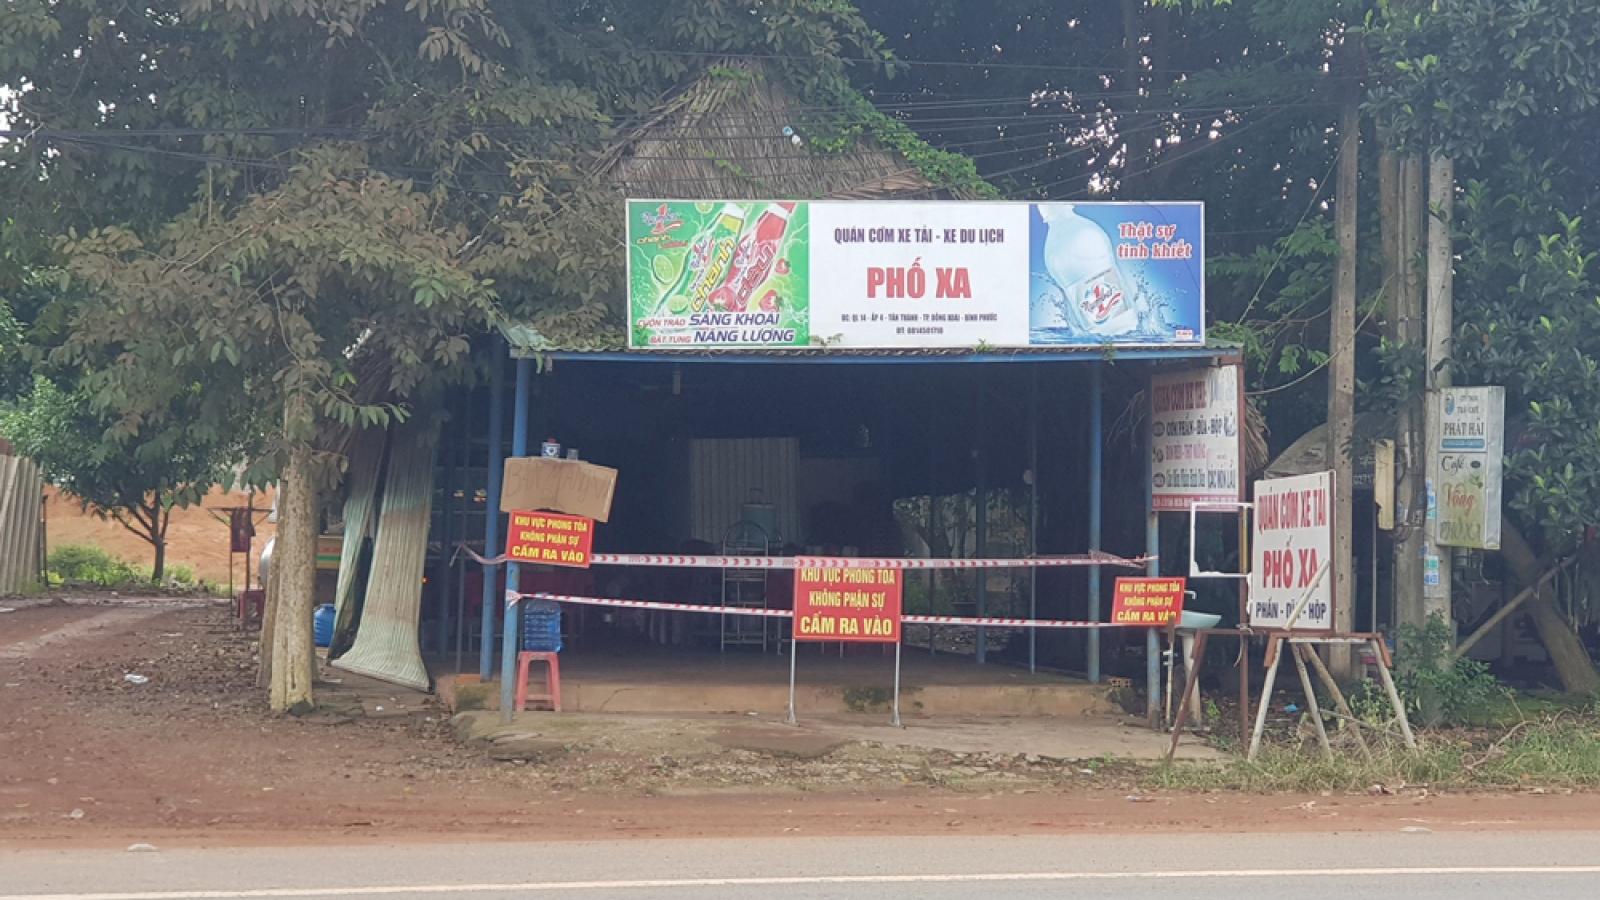 Chủ quán cơm ở Bình Phước bị xử phạt vì cho F0 ăn tại chỗ